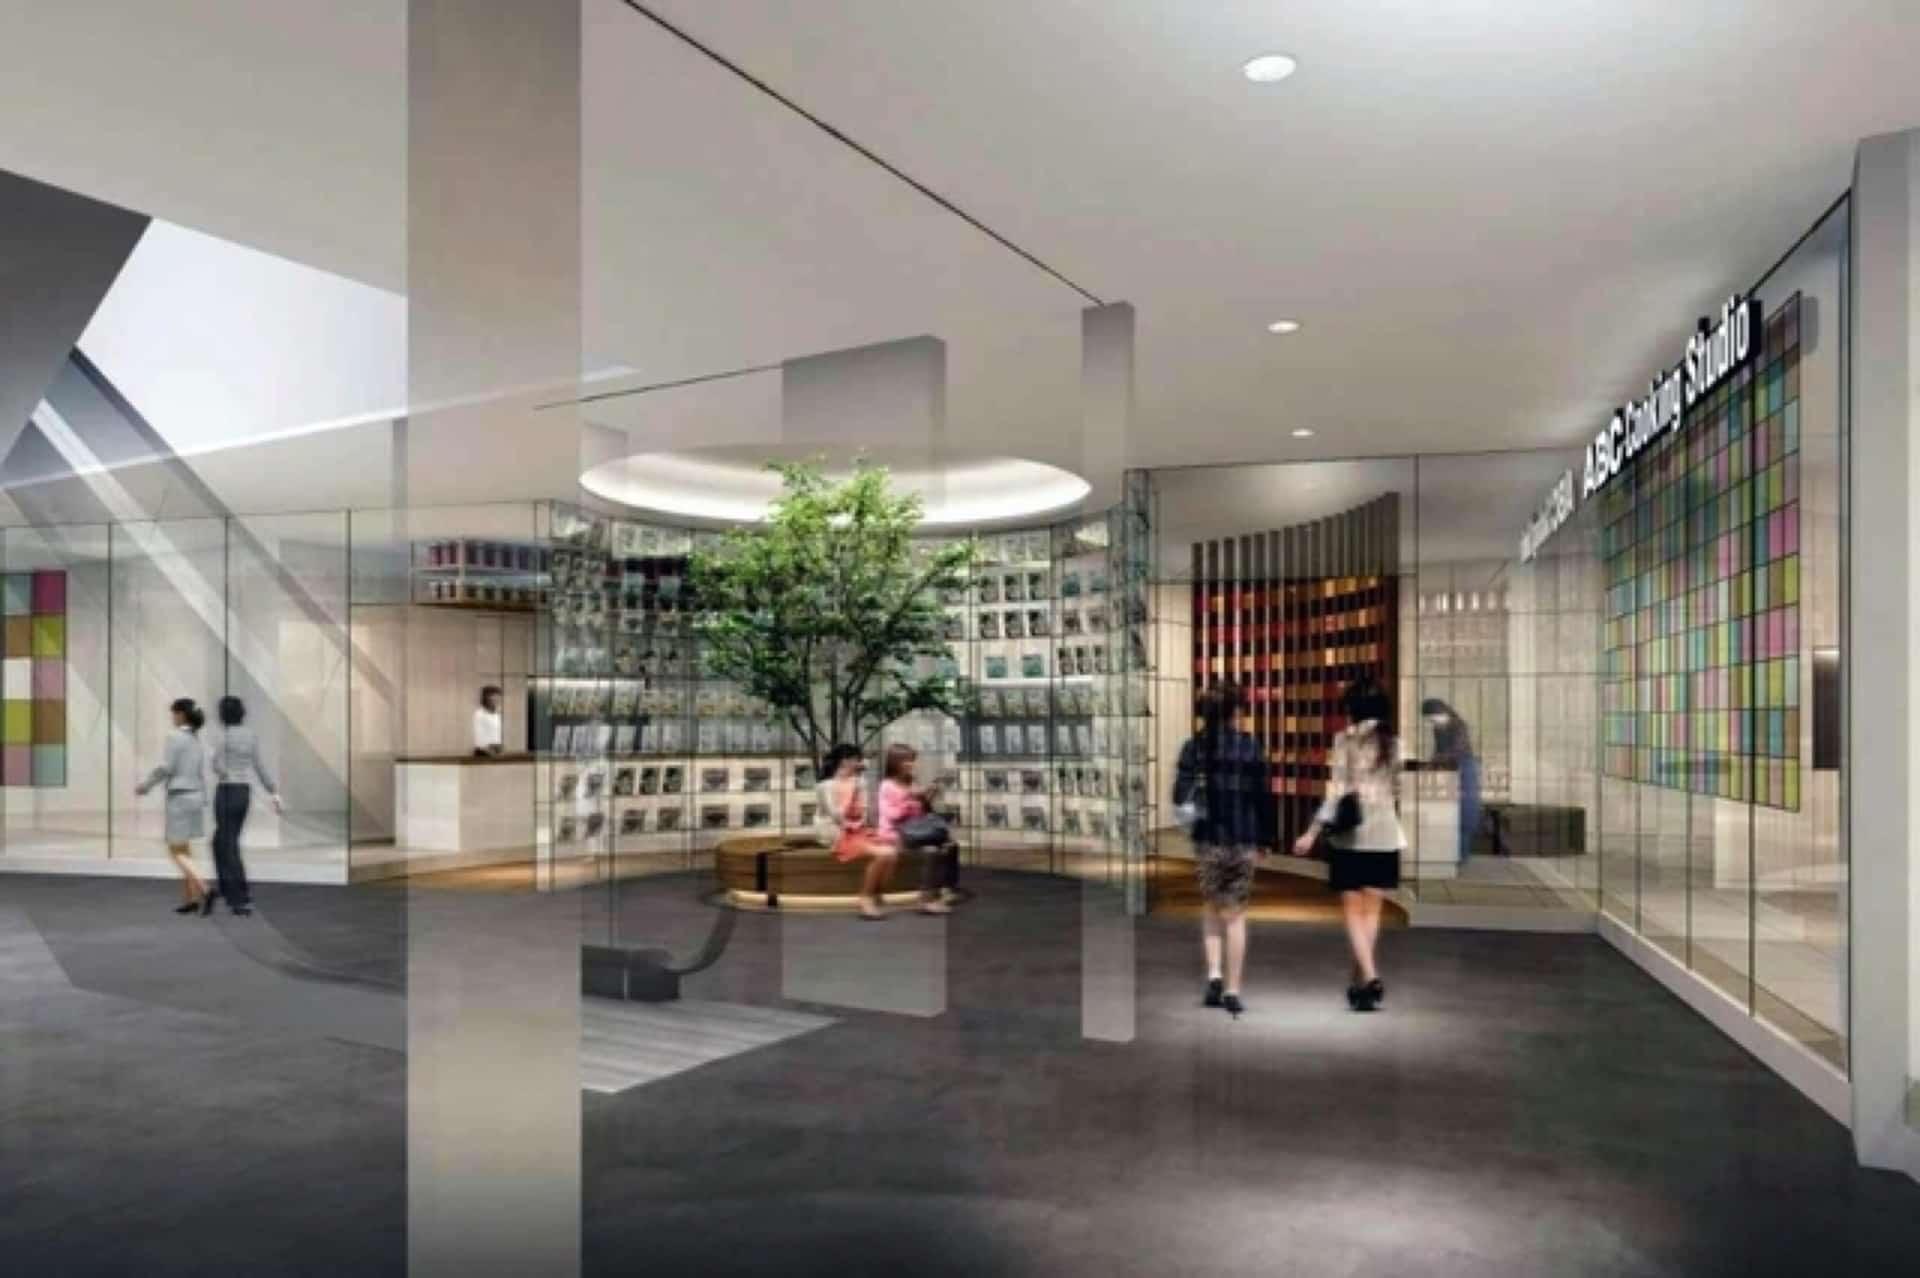 2018年5月、神戸BALに「スターバックスコーヒー」オープン!神戸エリア最大規模のショップ